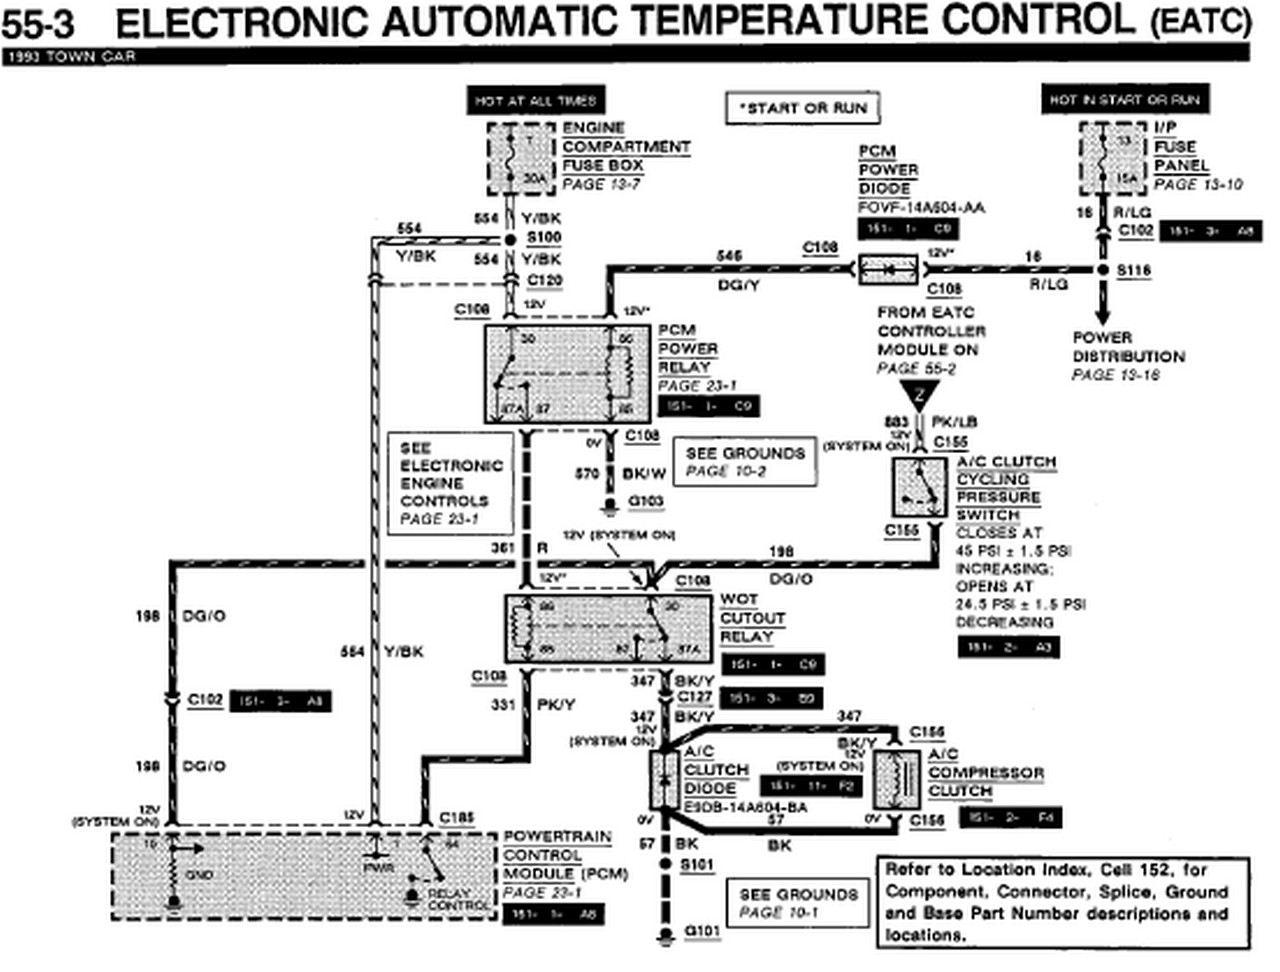 Automotive Wiring Diagram Tutorial Craftsman Garage Door 1993 Lincoln Town Car Eatc Auto